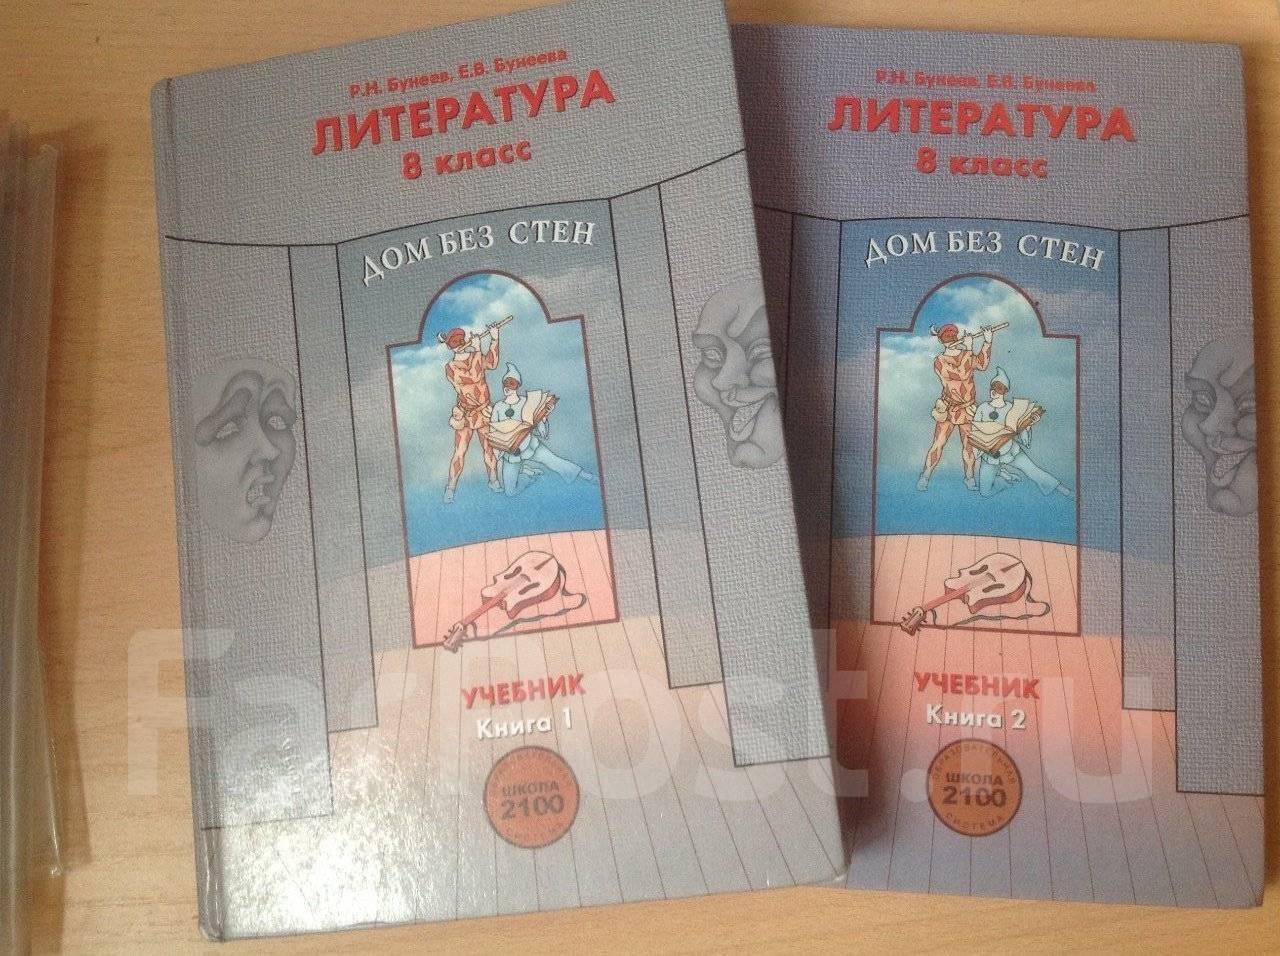 гдз по литературе 8 класс курдюмова онлайн